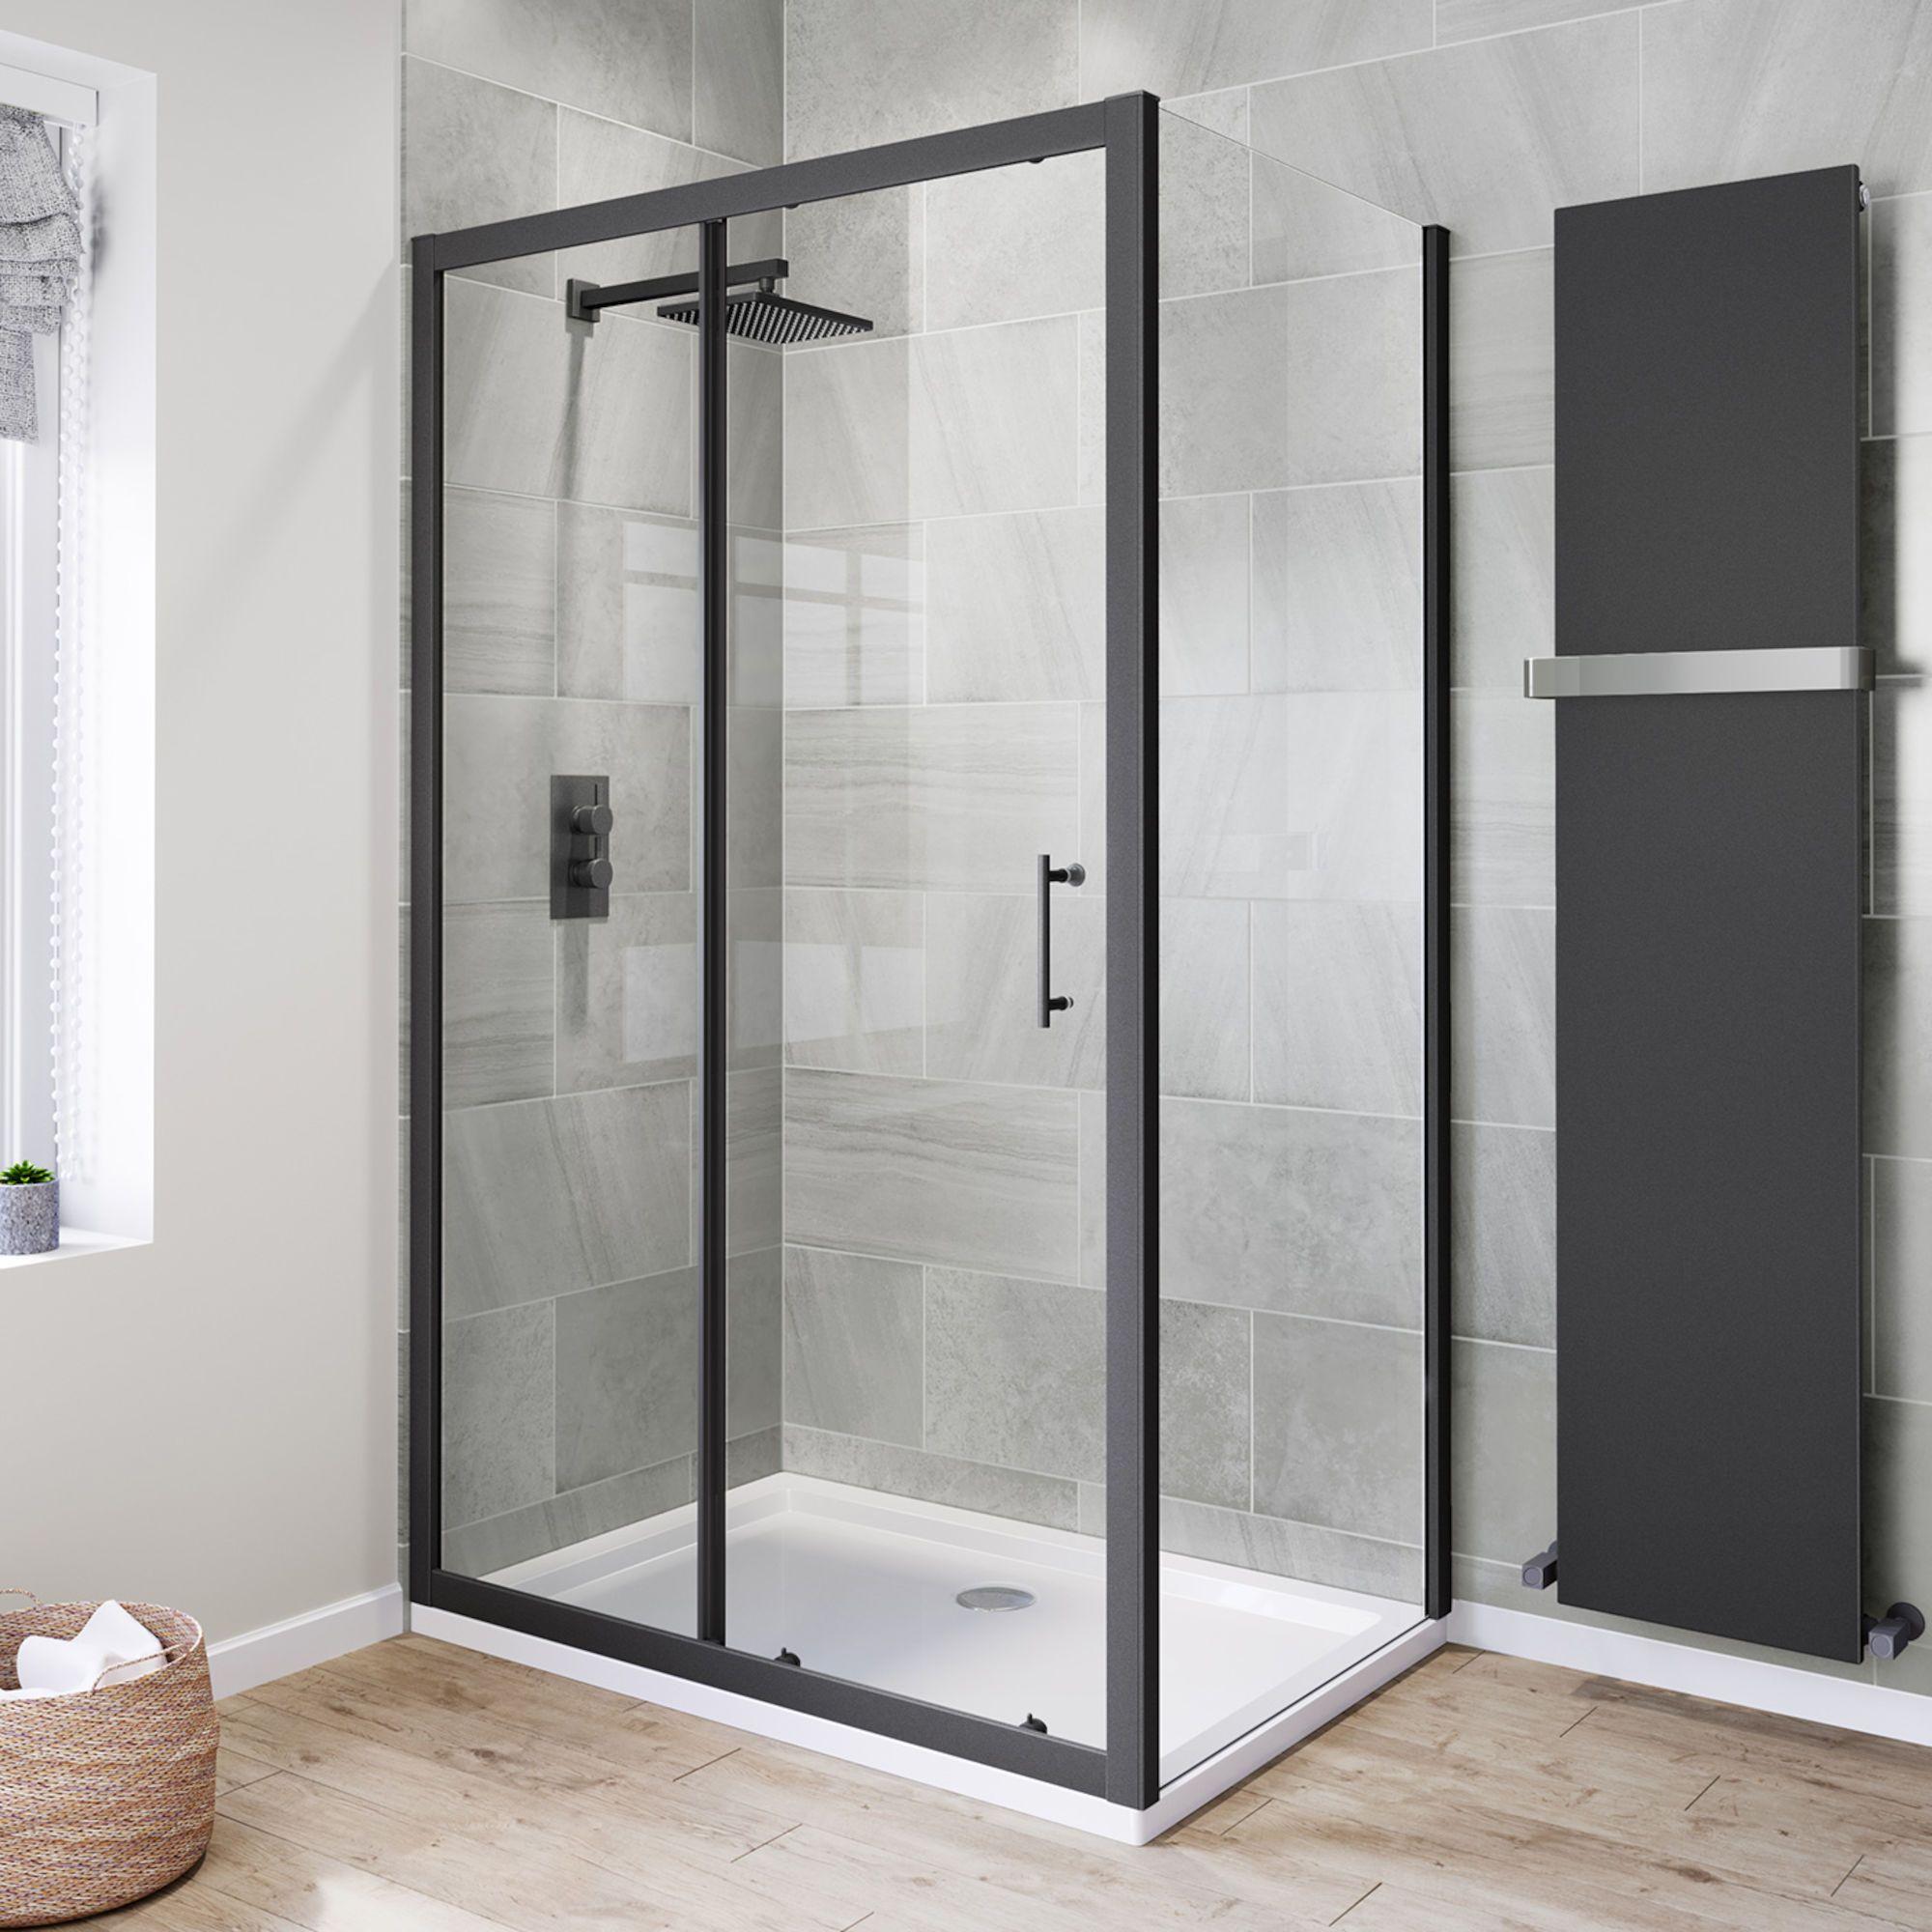 1200x800mm 6mm Black Frame Sliding Shower Enclosure With Silicone Sealant Framed Shower Enclosures Shower Doors Black Shower Doors